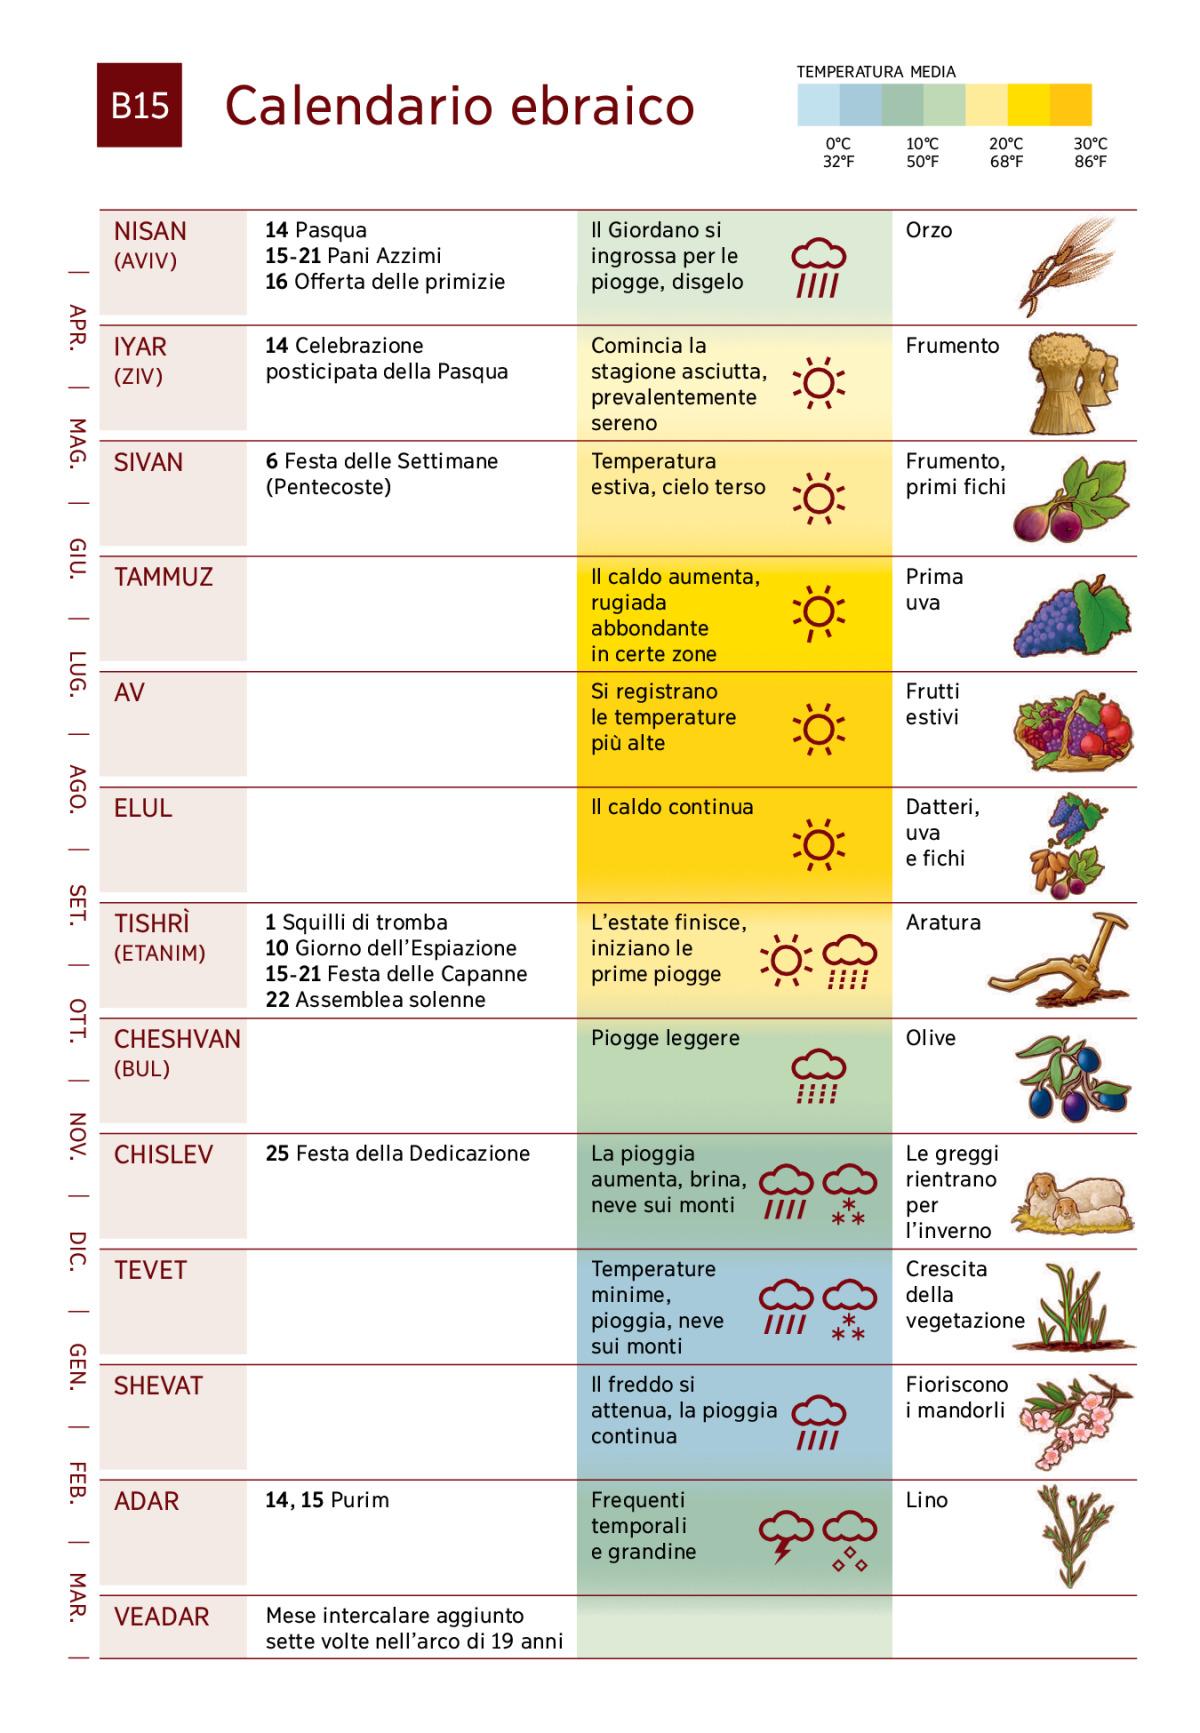 Calendario Traduzione Inglese.Calendario Ebraico E Festivita Dei Tempi Biblici Tnm